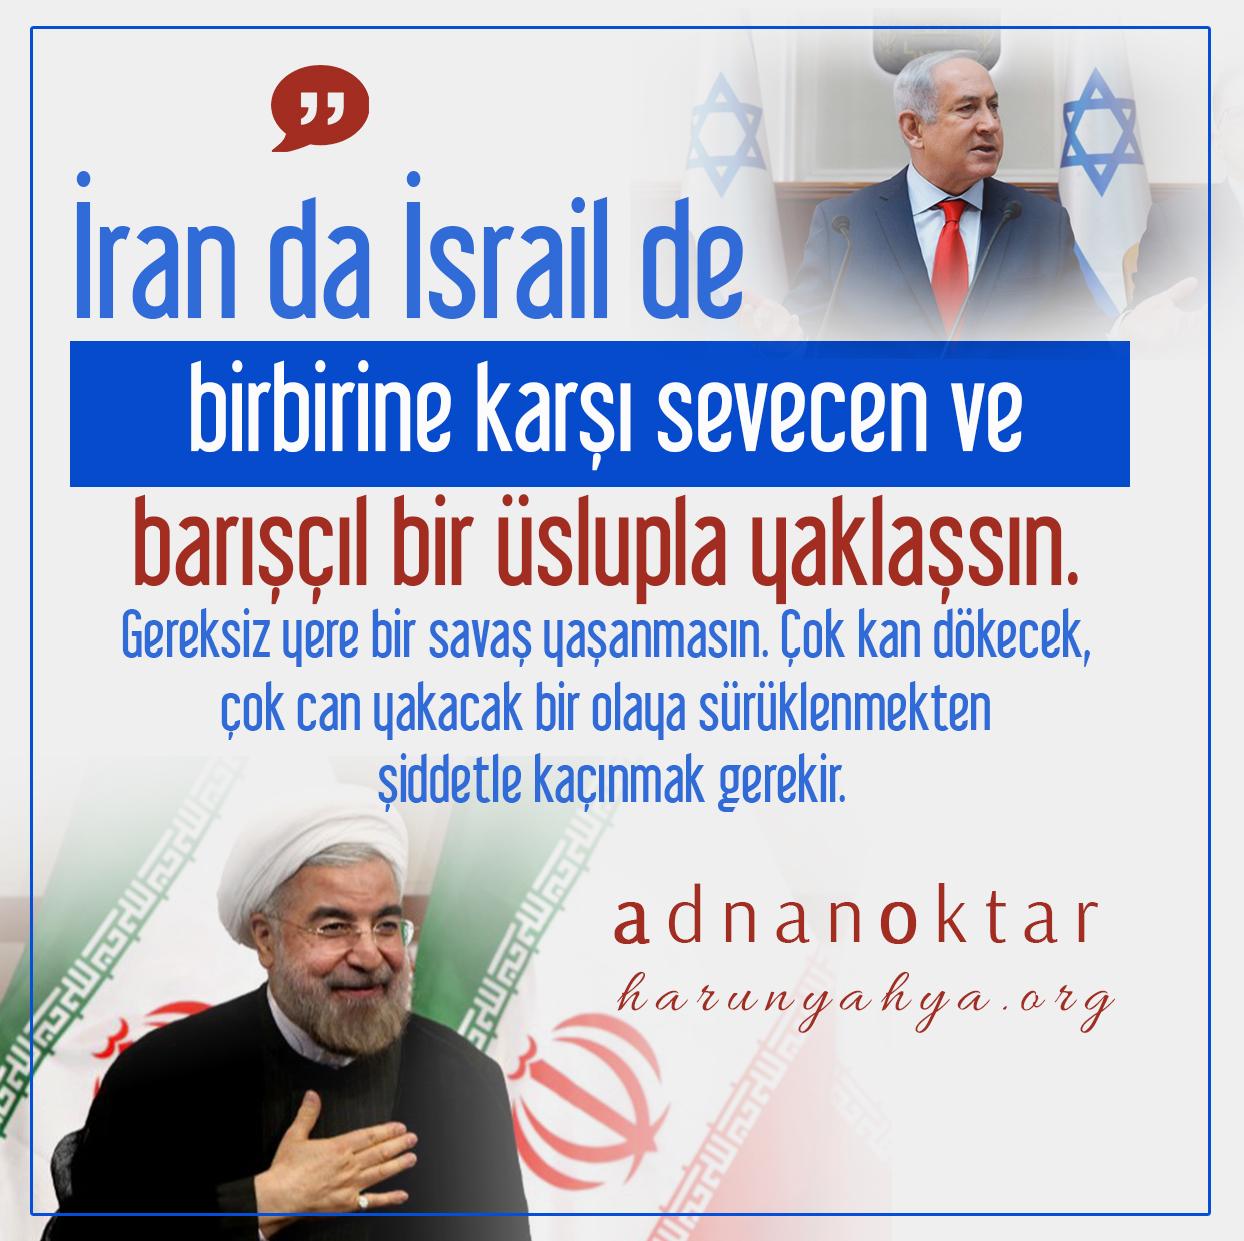 """<table style=""""width: 100%;""""><tr><td style=""""vertical-align: middle;"""">İran da İsrail de birbirine karşı sevecen ve barışçıl bir üslupla yaklaşsın. Gereksiz yere bir savaş yaşanmasın. Çok kan dökecek, çok can yakacak bir olaya sürüklenmekten şiddetle kaçınmak gerekir.</td><td style=""""max-width: 70px;vertical-align: middle;""""> <a href=""""/downloadquote.php?filename=152723891646.jpg""""><img class=""""hoversaturate"""" height=""""20px"""" src=""""/assets/images/download-iconu.png"""" style=""""width: 48px; height: 48px;"""" title=""""Resmi İndir""""/></a></td></tr></table>"""